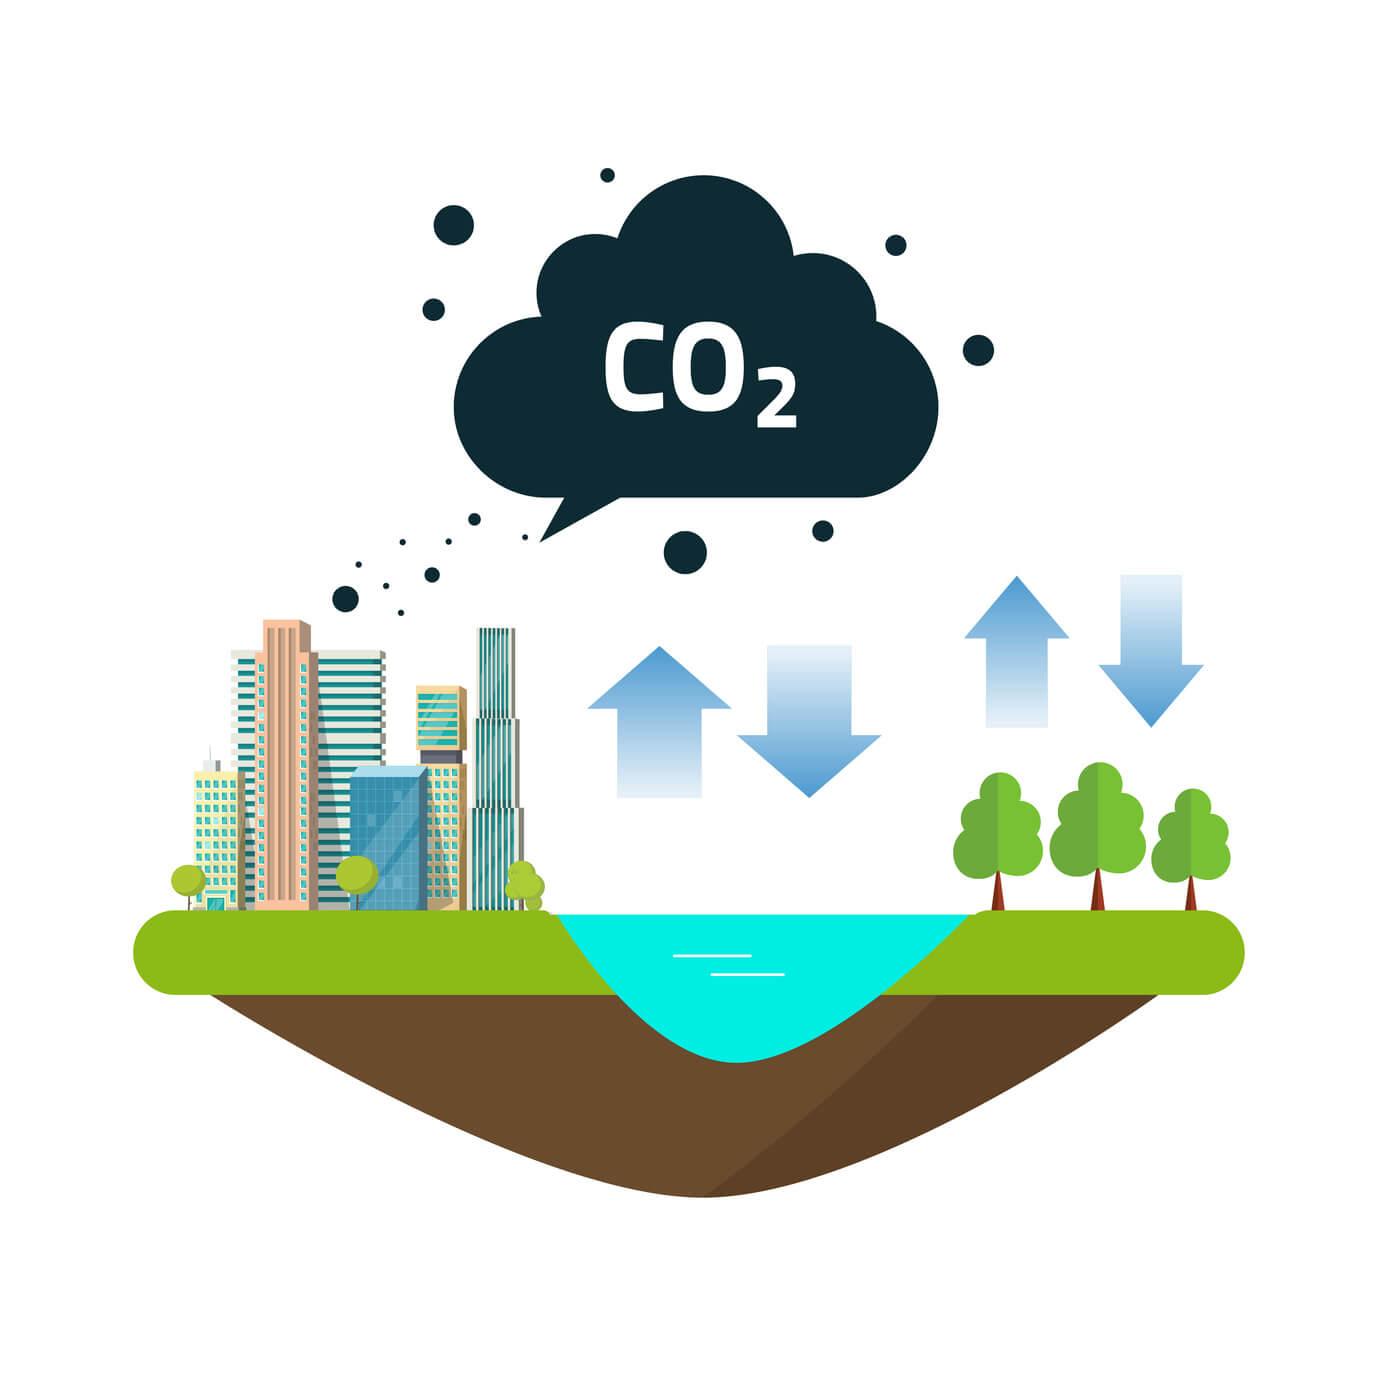 Definici n de di xido de carbono concepto en definici n abc for Molecula definicion